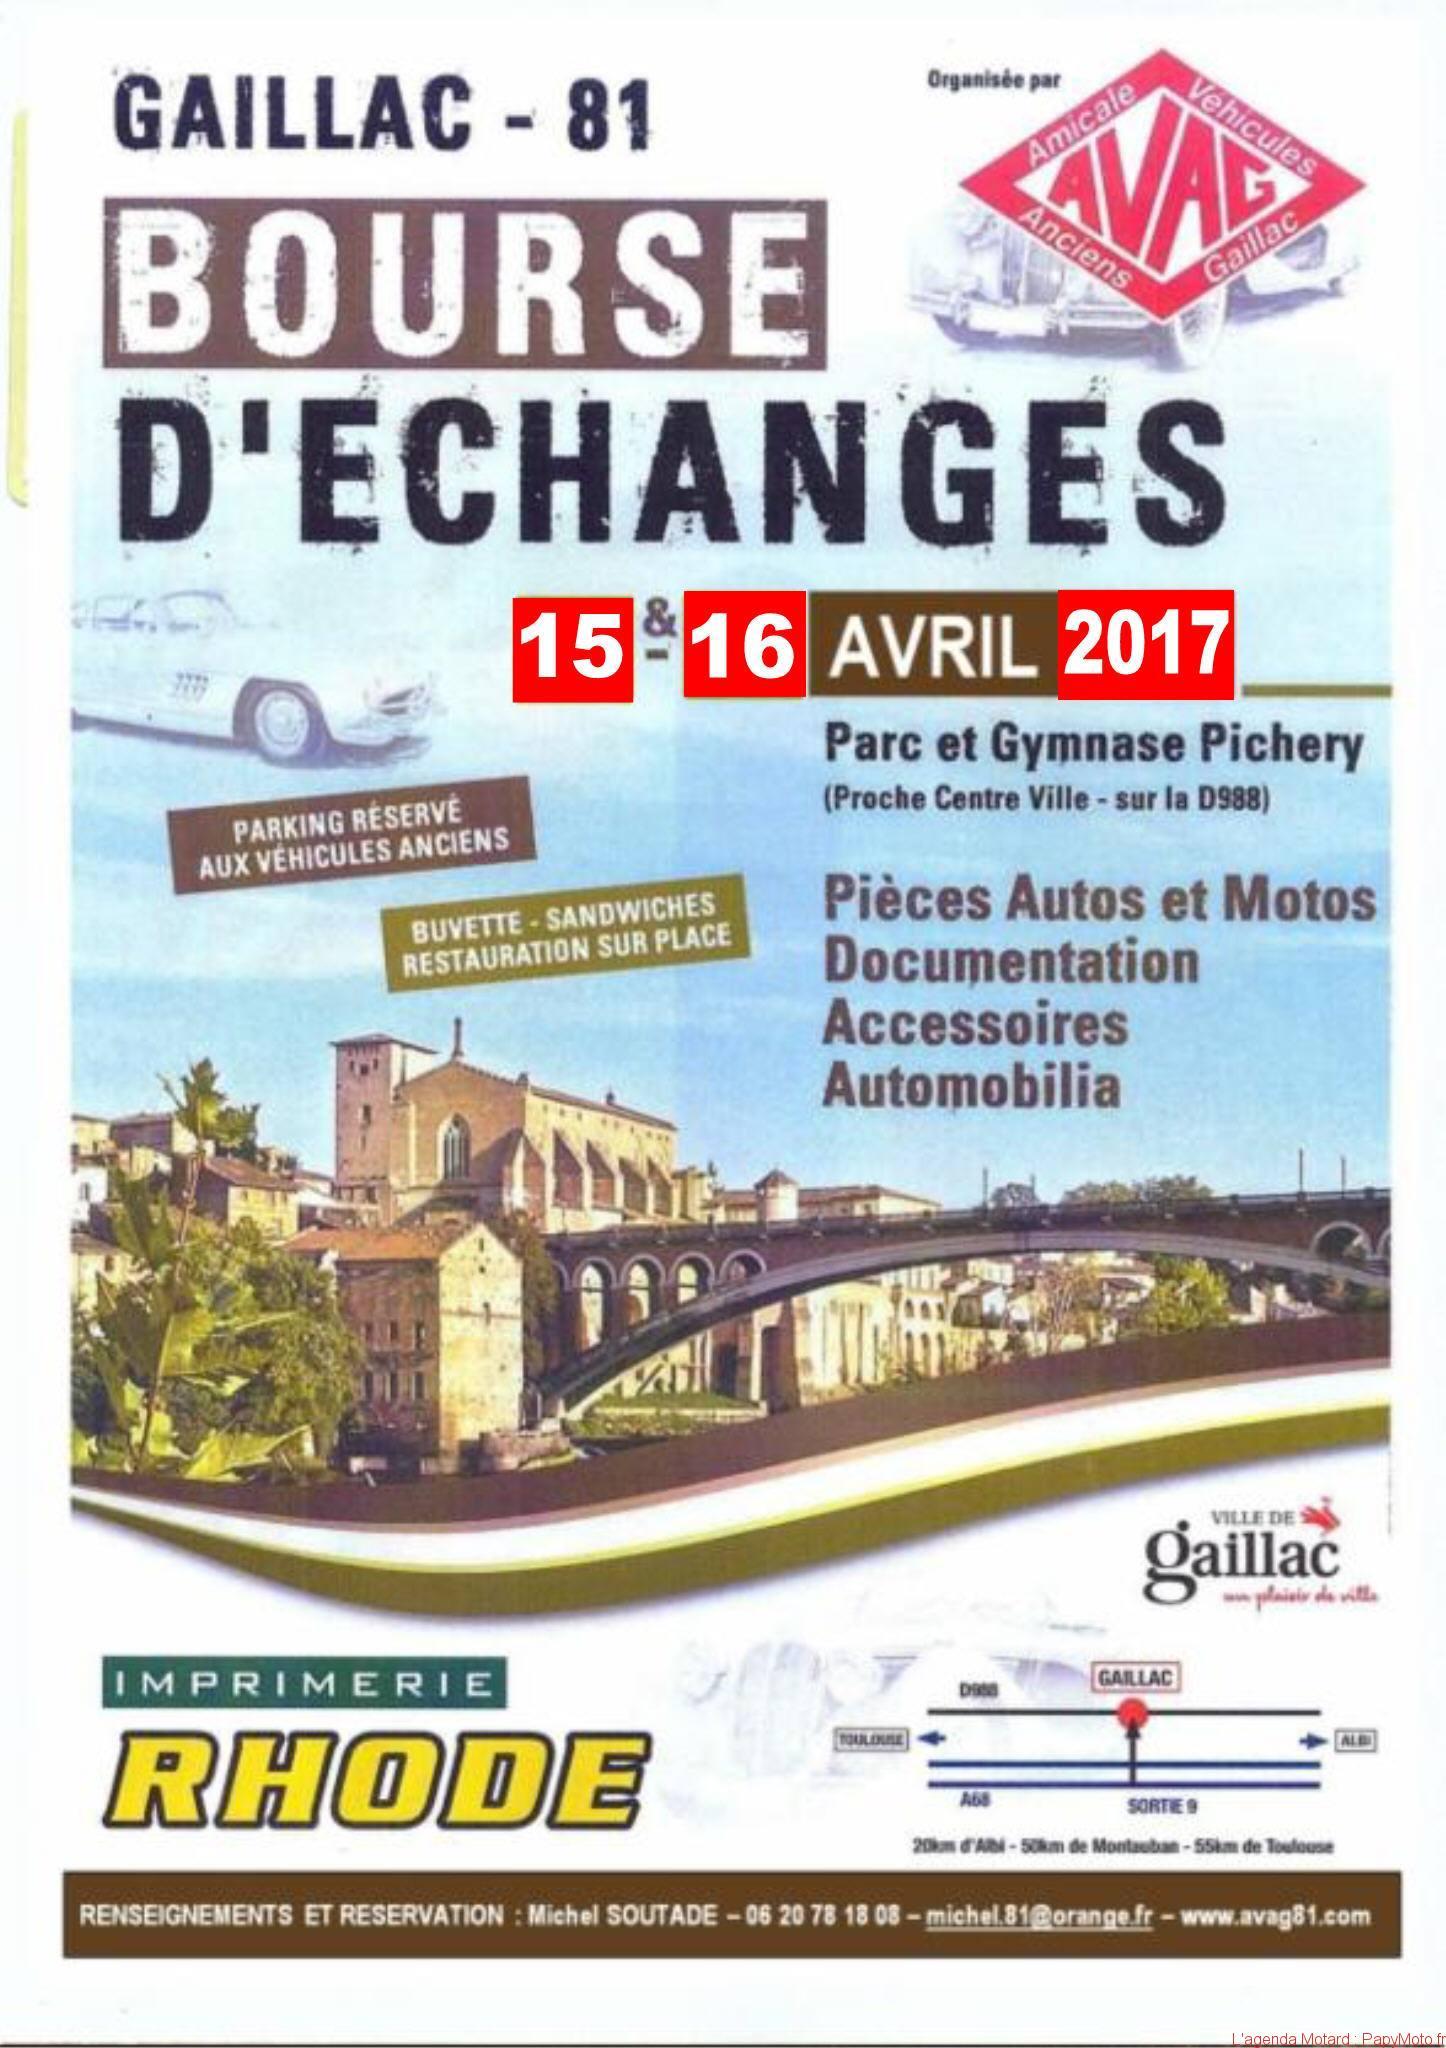 Bourse d'Echanges – Gaillac (81)